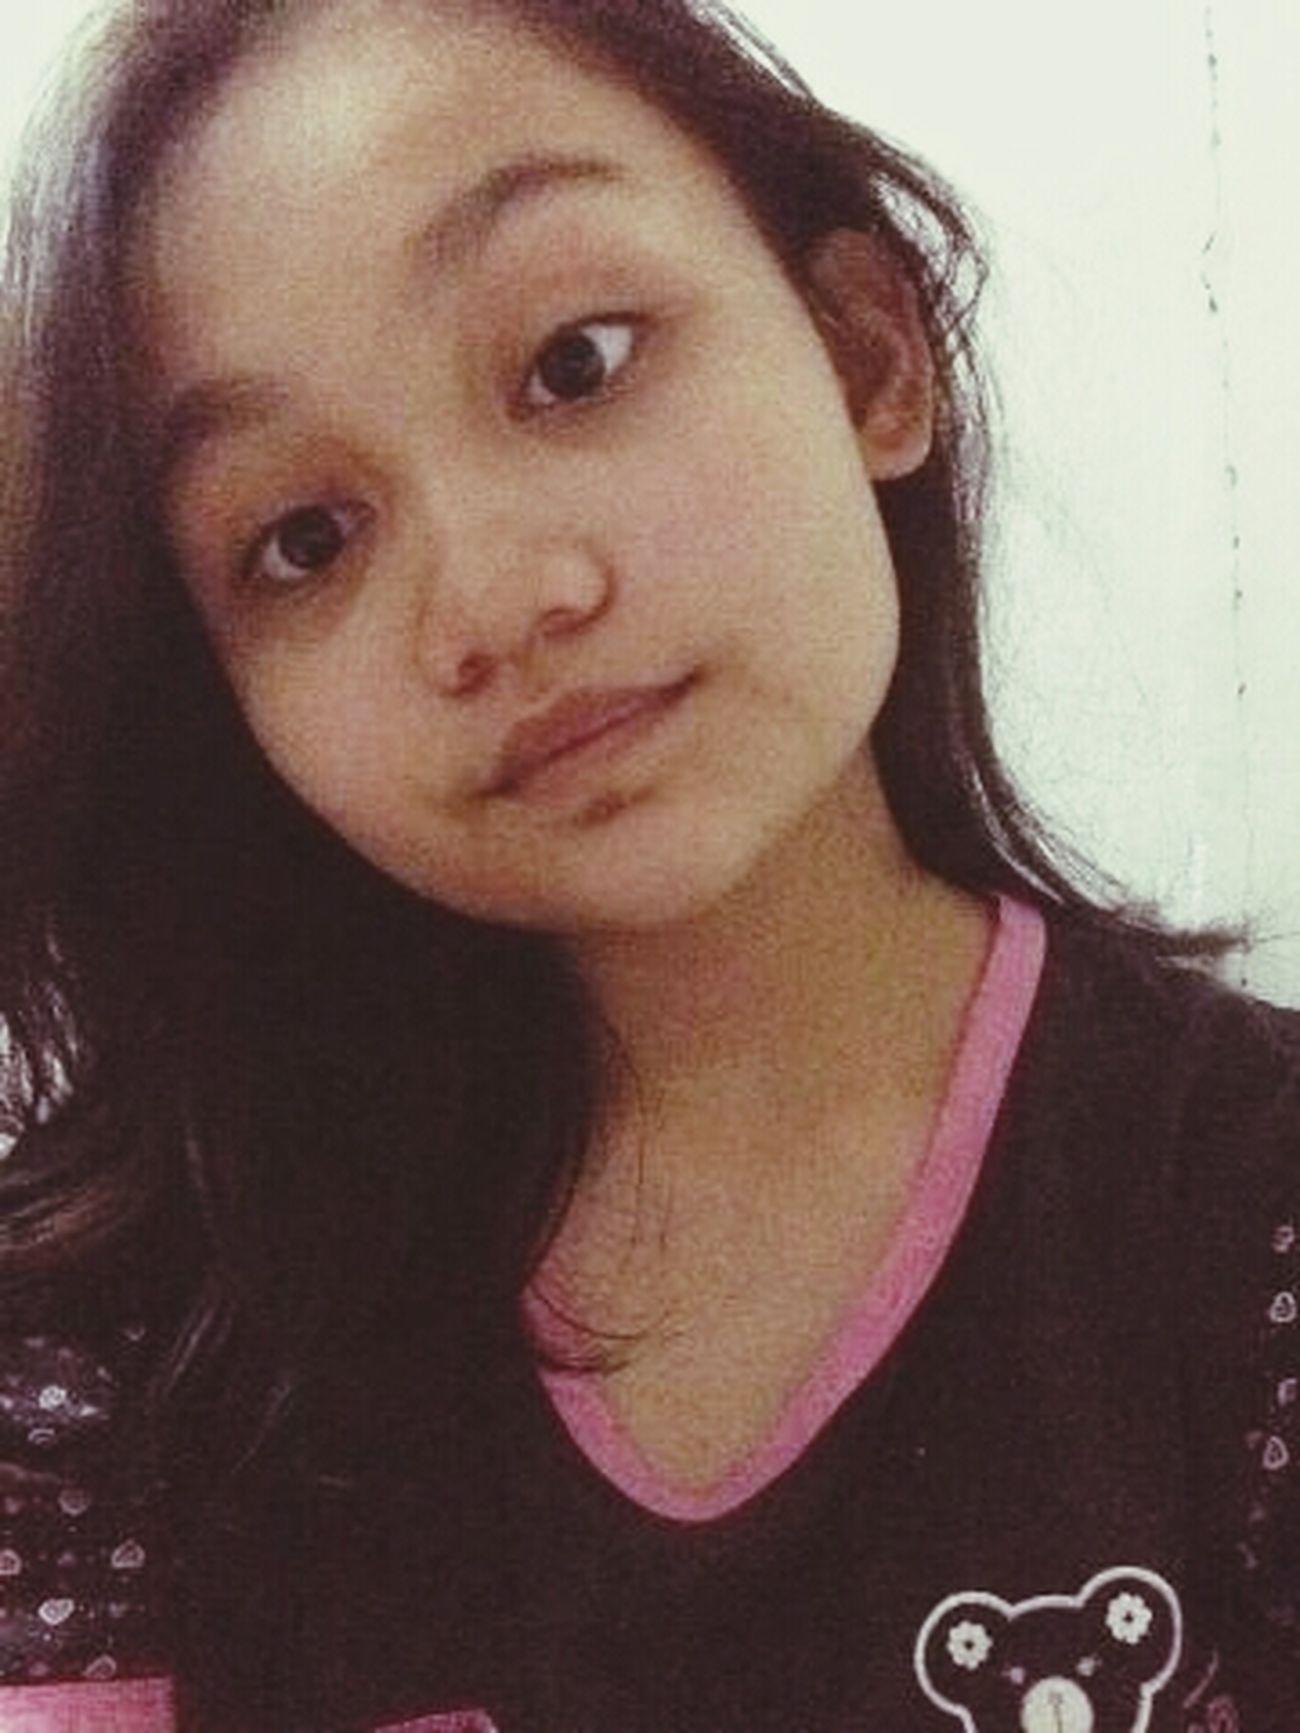 Ma love Ilinajwa Potrait